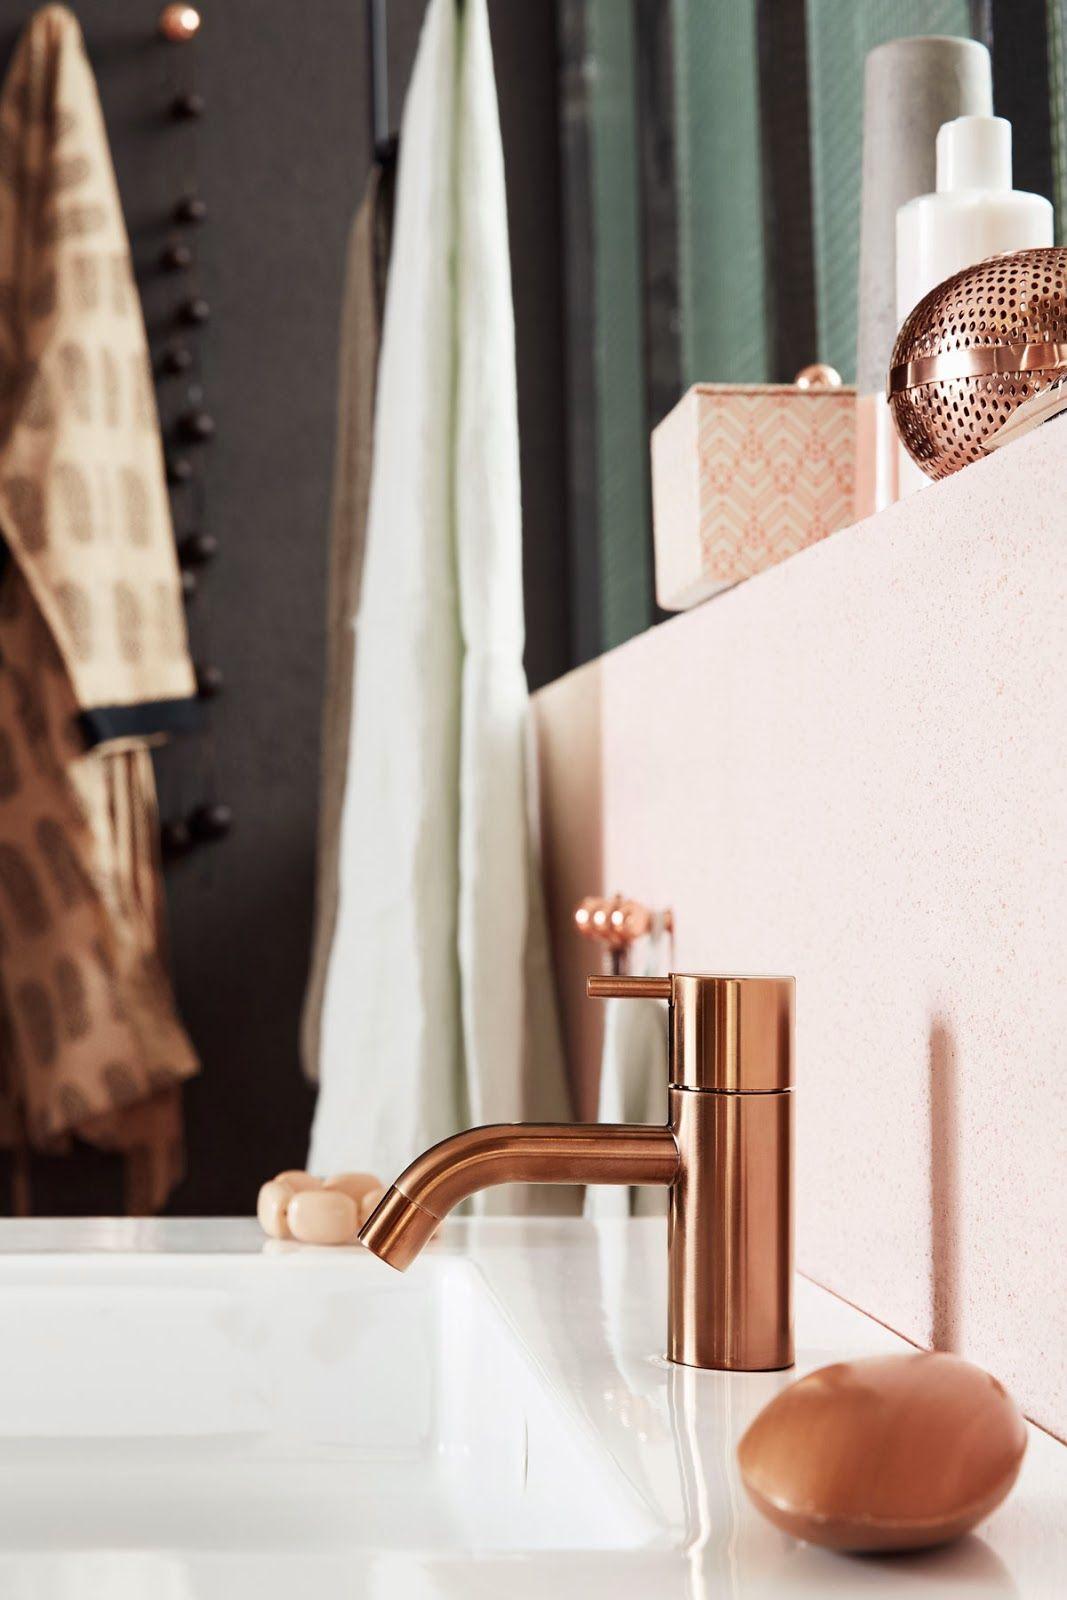 Rose Gold Tap Pastel Bathroom Bliss Pastell Badezimmer Kupfer